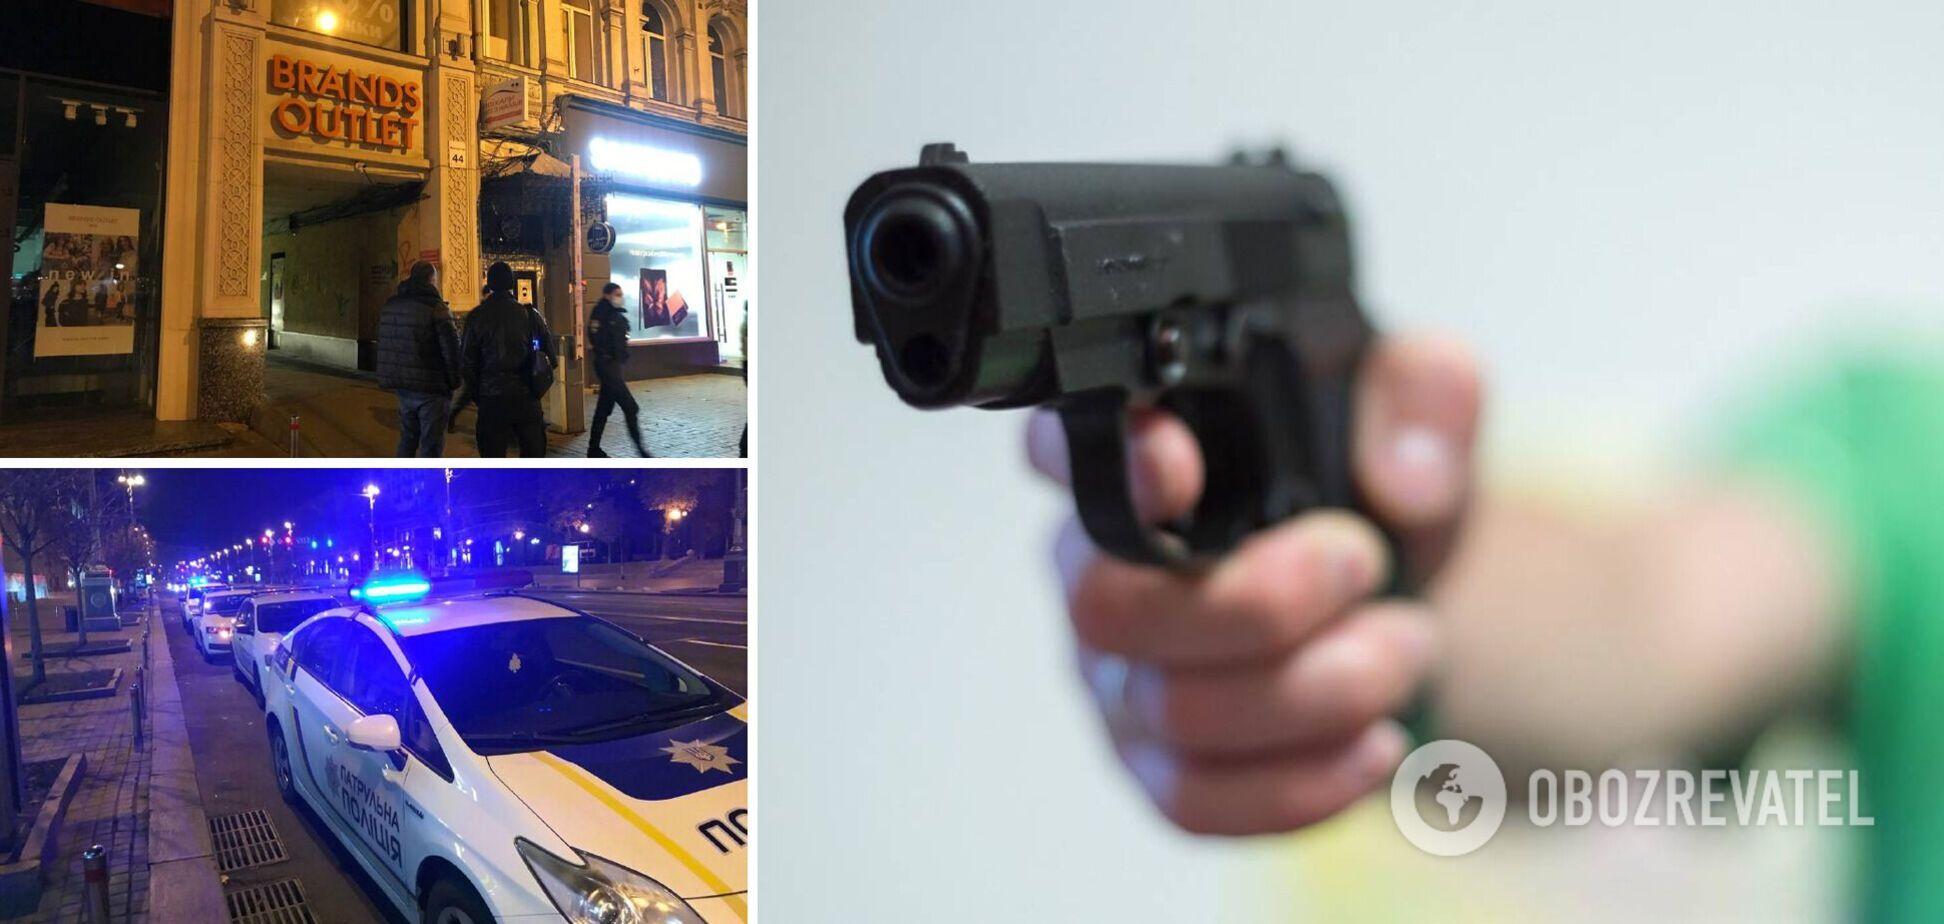 В центре Киева произошла драка со стрельбой: на месте работали медики и полиция. Фото и видео